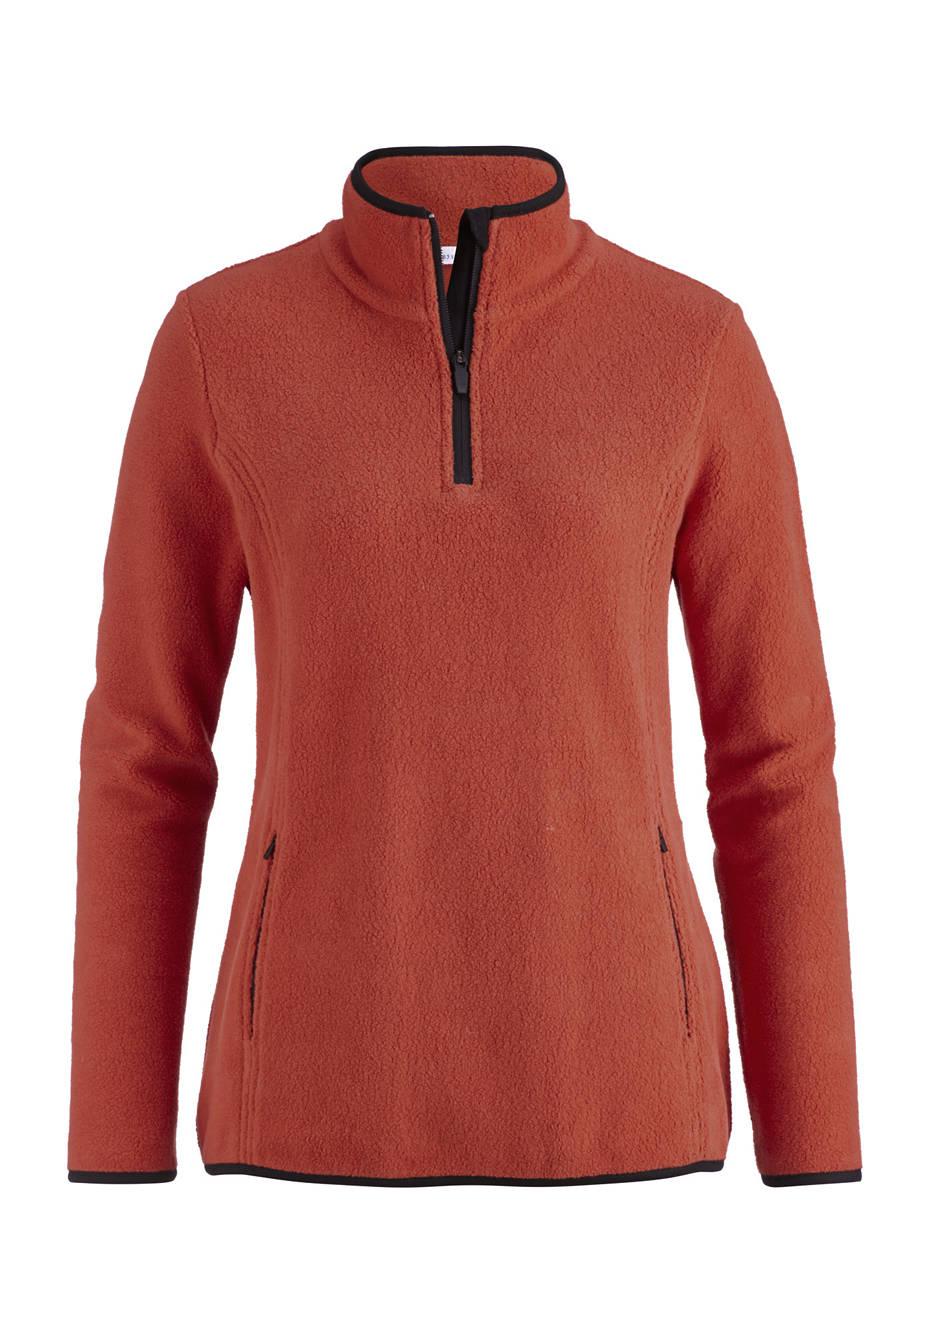 Damen Fleece-Troyer aus reiner Bio-Baumwolle